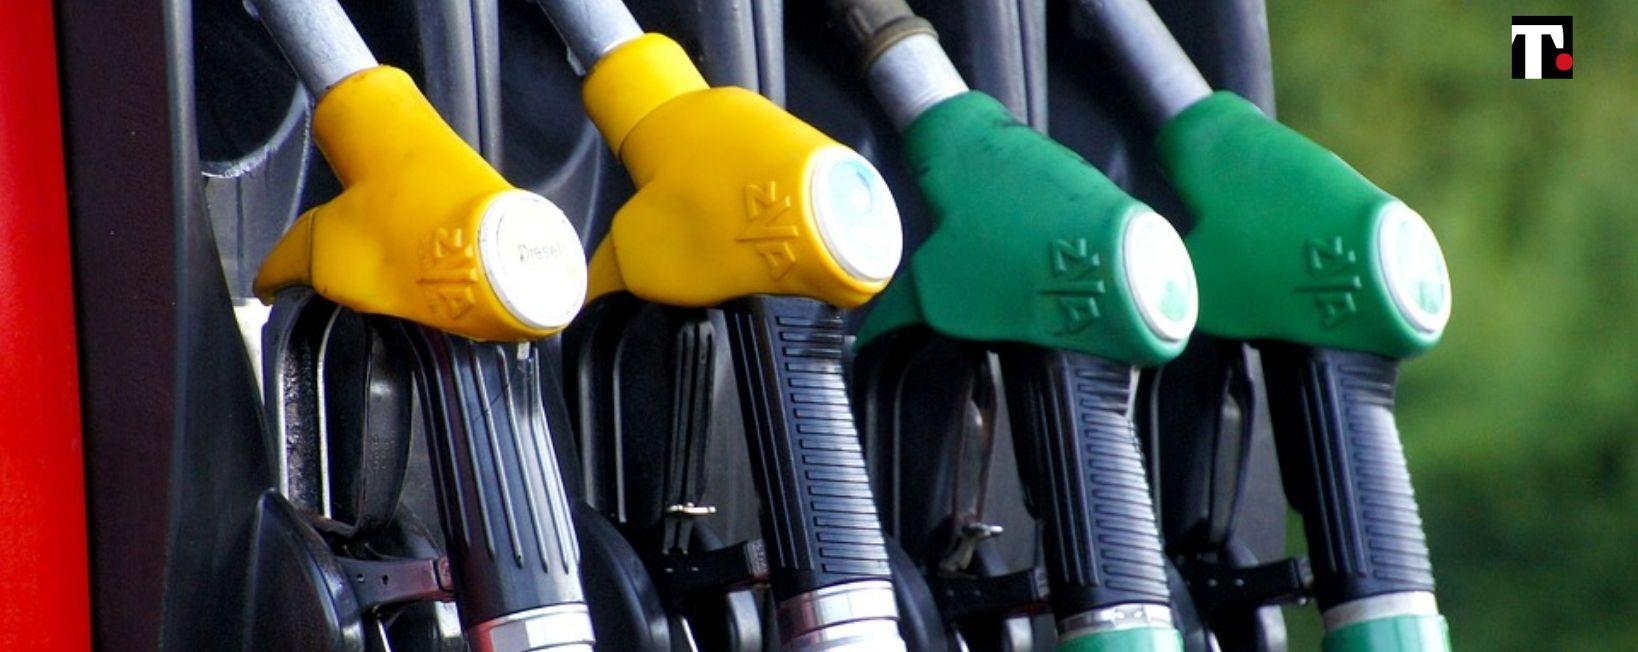 prezzi carburanti aumento